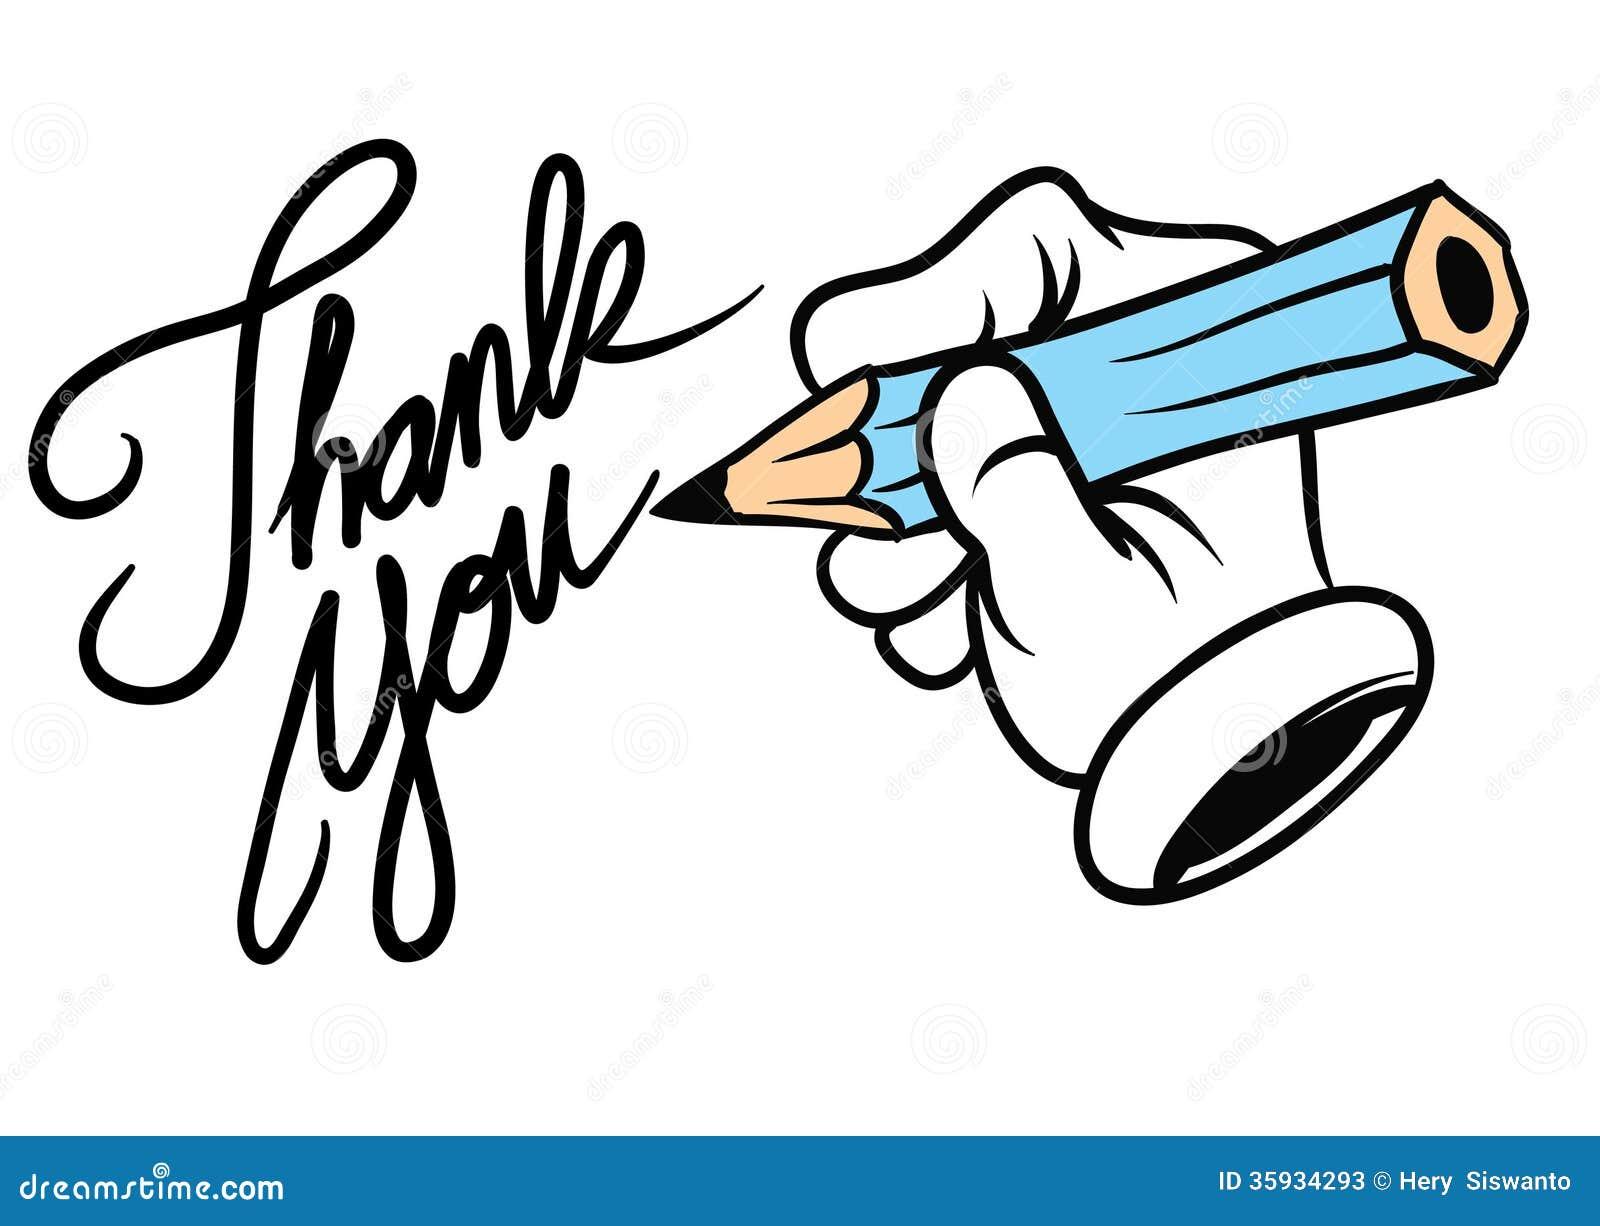 Cartoon Hand Writing Thank You Stock Photos - Image: 35934293